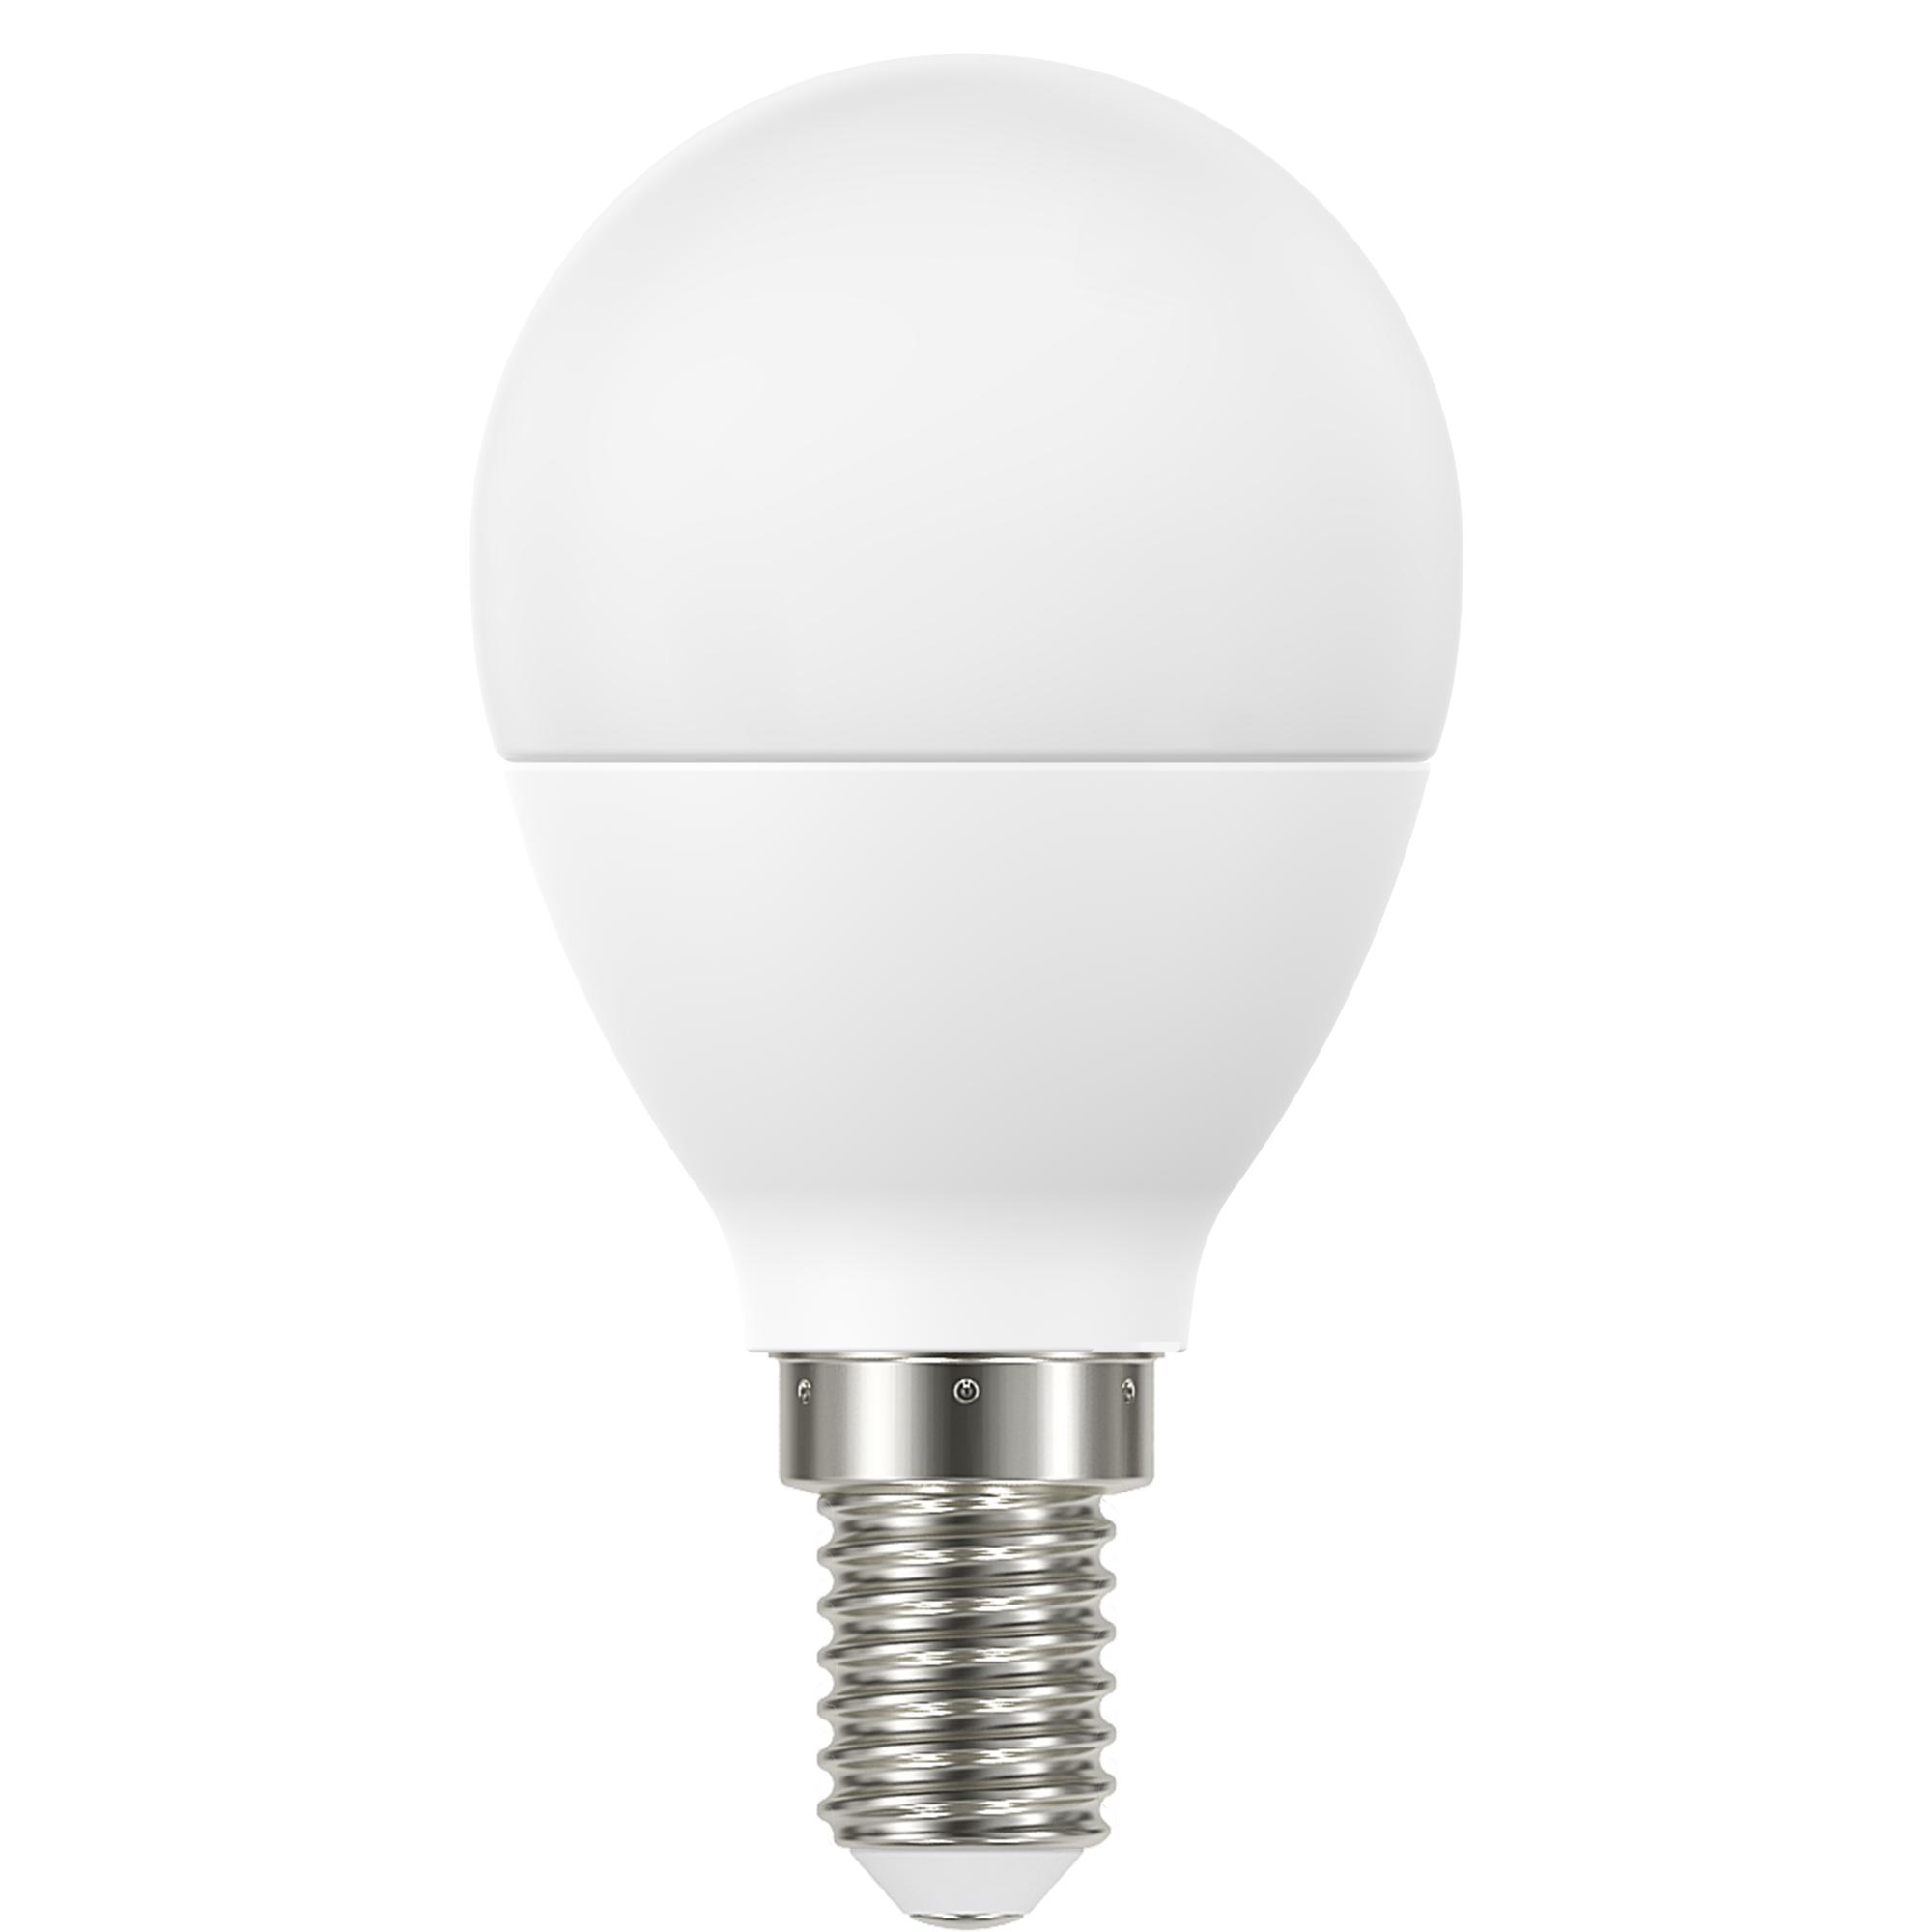 Лампа светодиодная Lexman E14 220 В 6.6 Вт шар матовая 806 лм белый свет